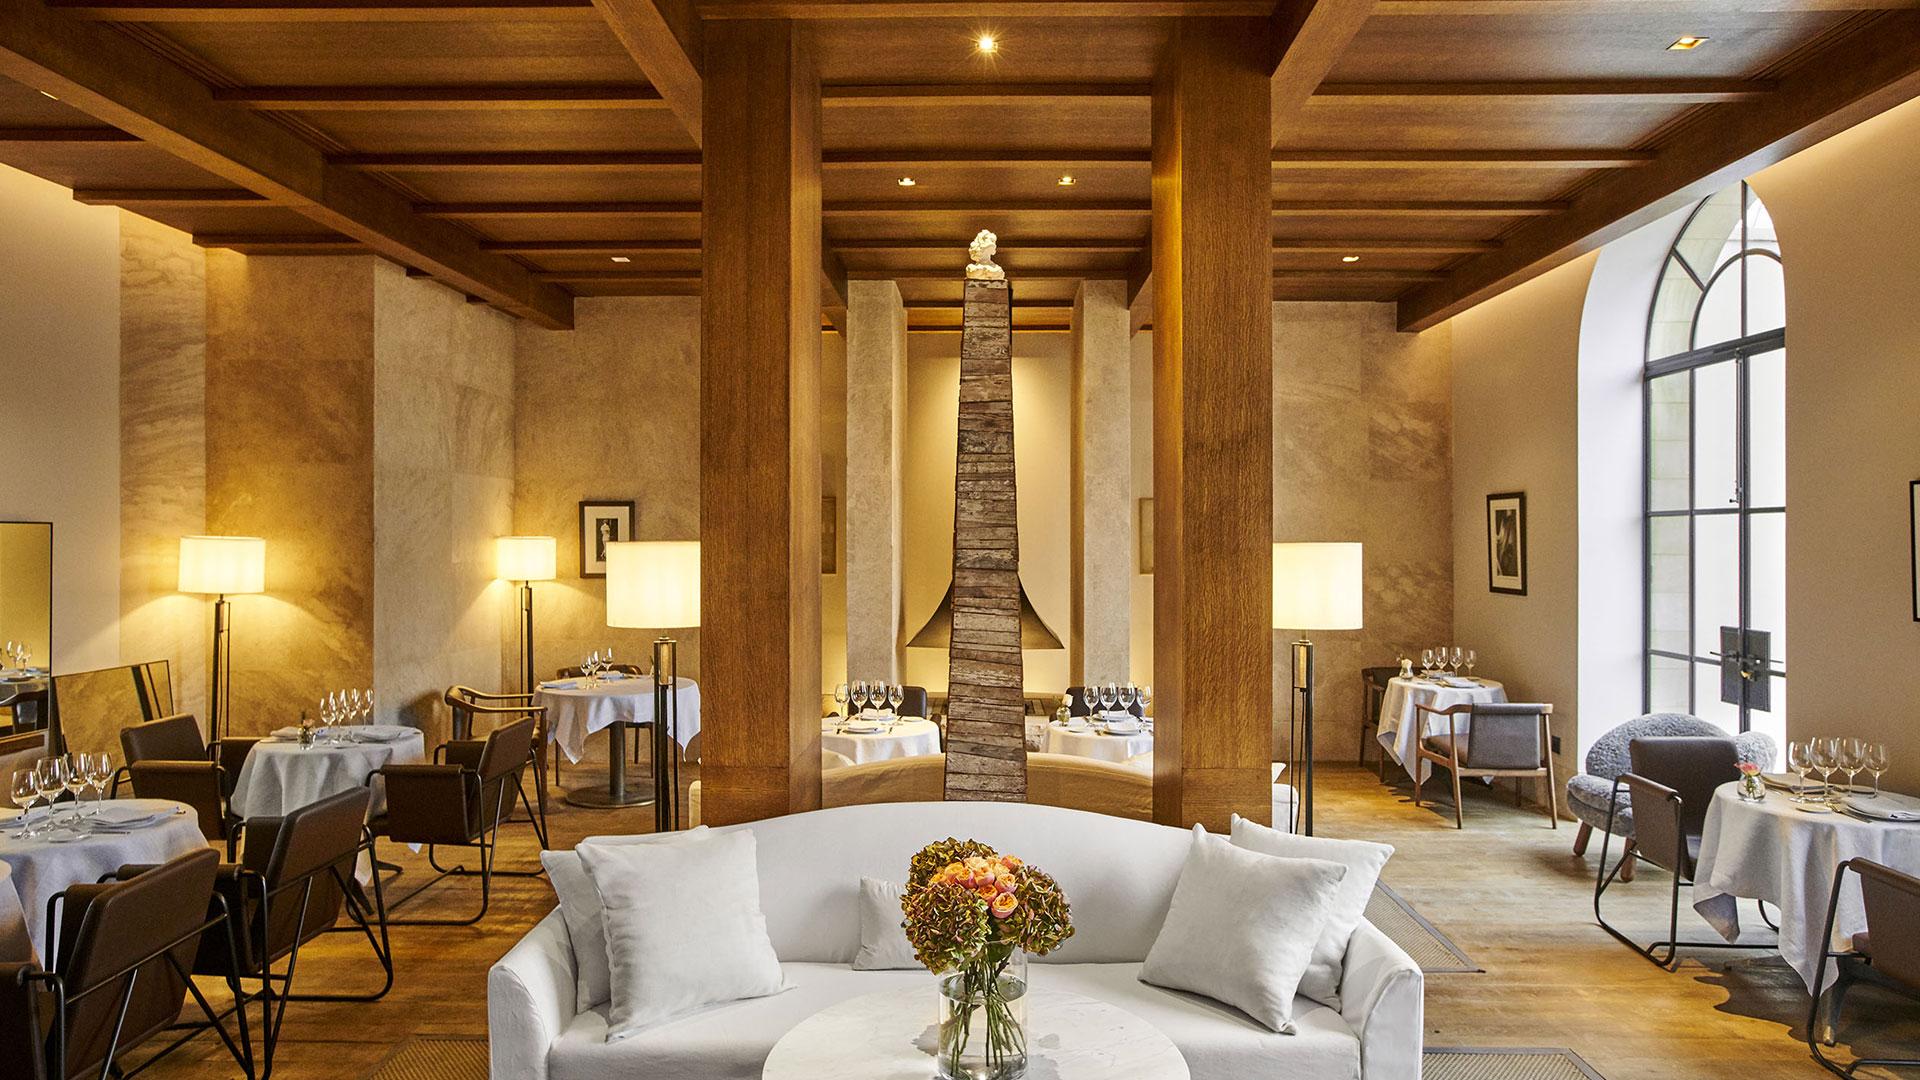 Restaurant gastronomique en provence h tel de luxe villa - Restaurant le paradou salon de provence ...